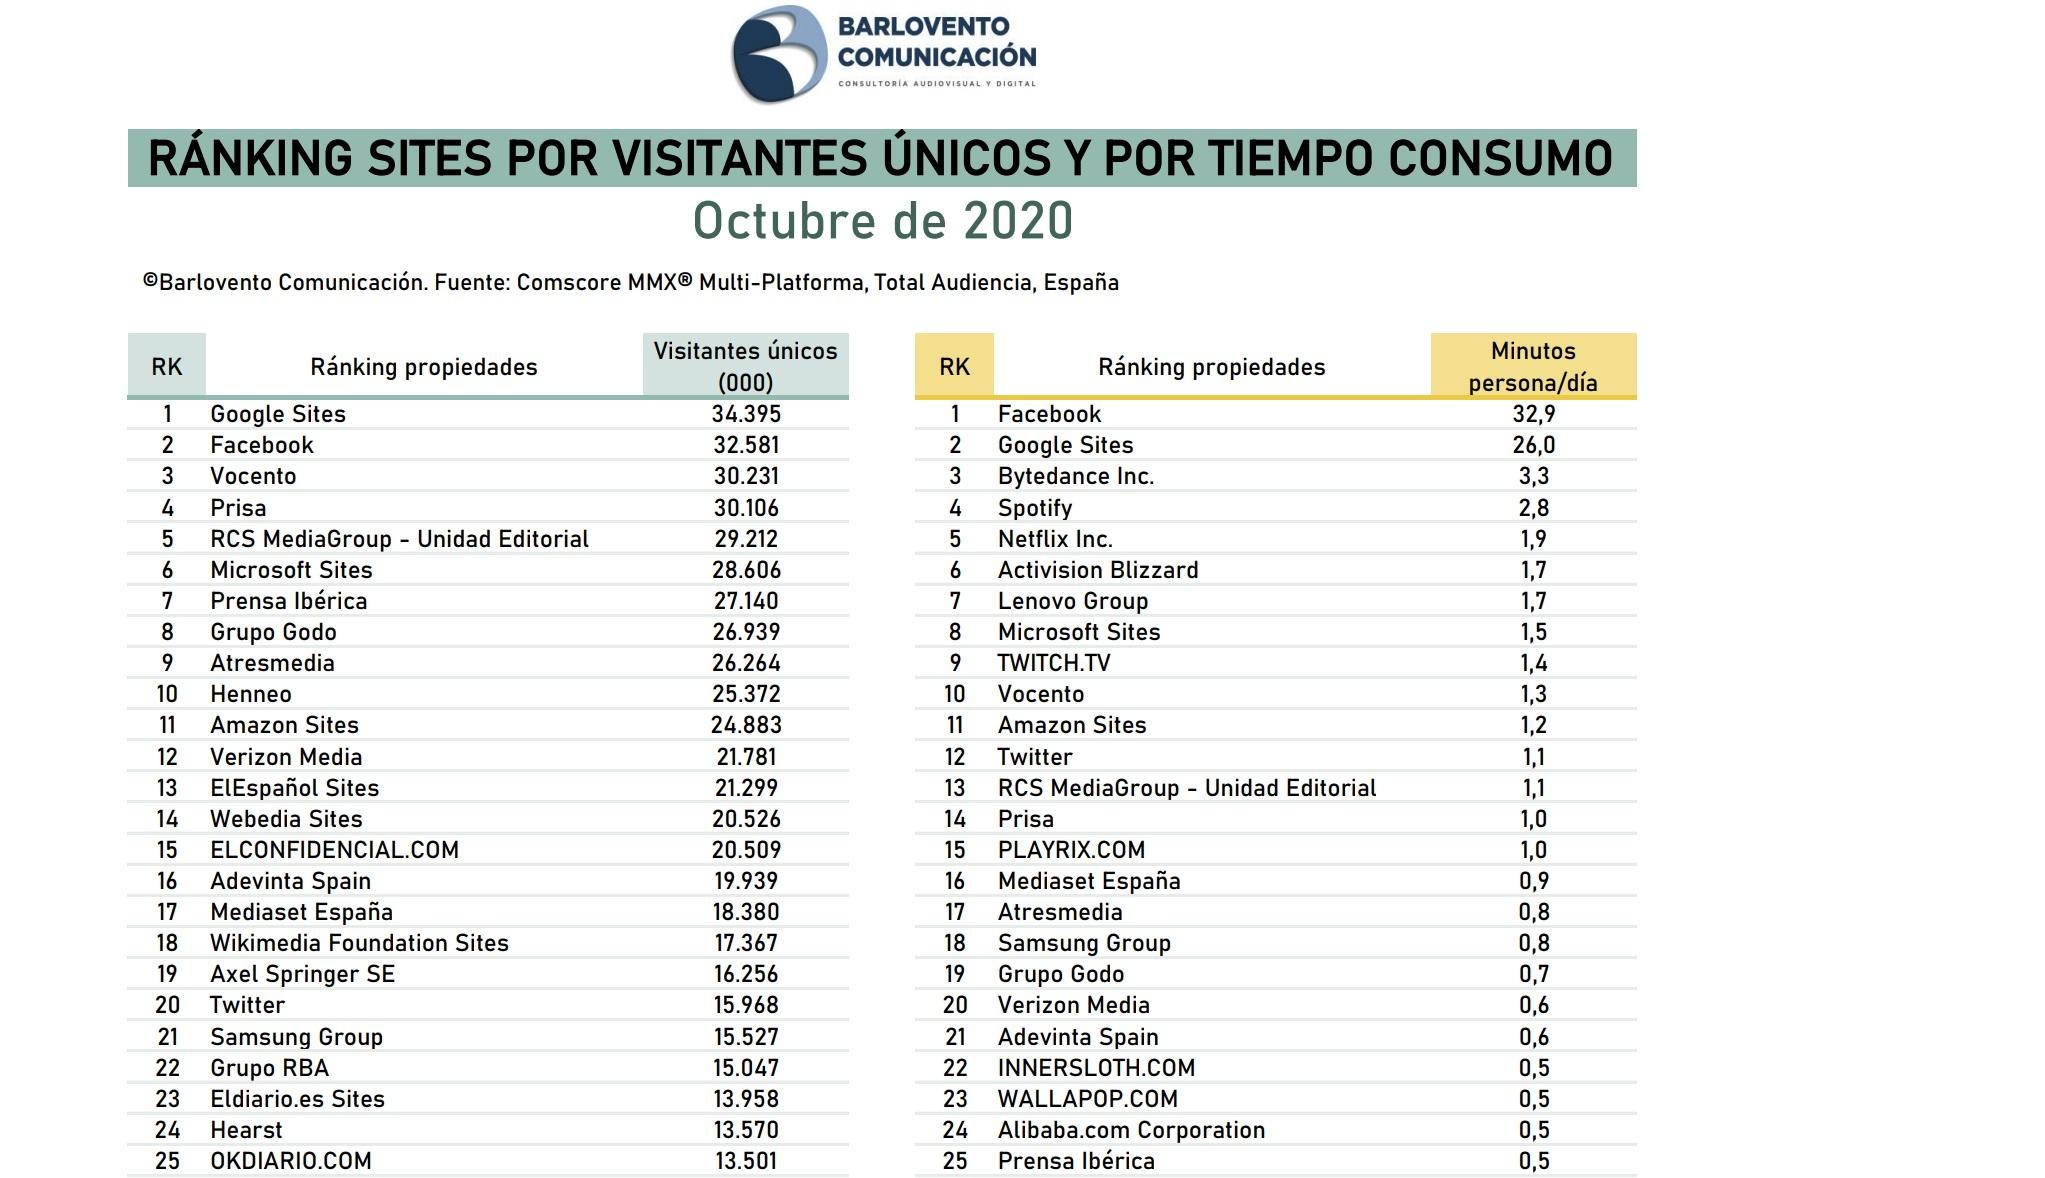 https://www.programapublicidad.com/wp-content/uploads/2020/11/rankingBarlovento-Comunicación-octubre-20202-programapublicidad.jpg